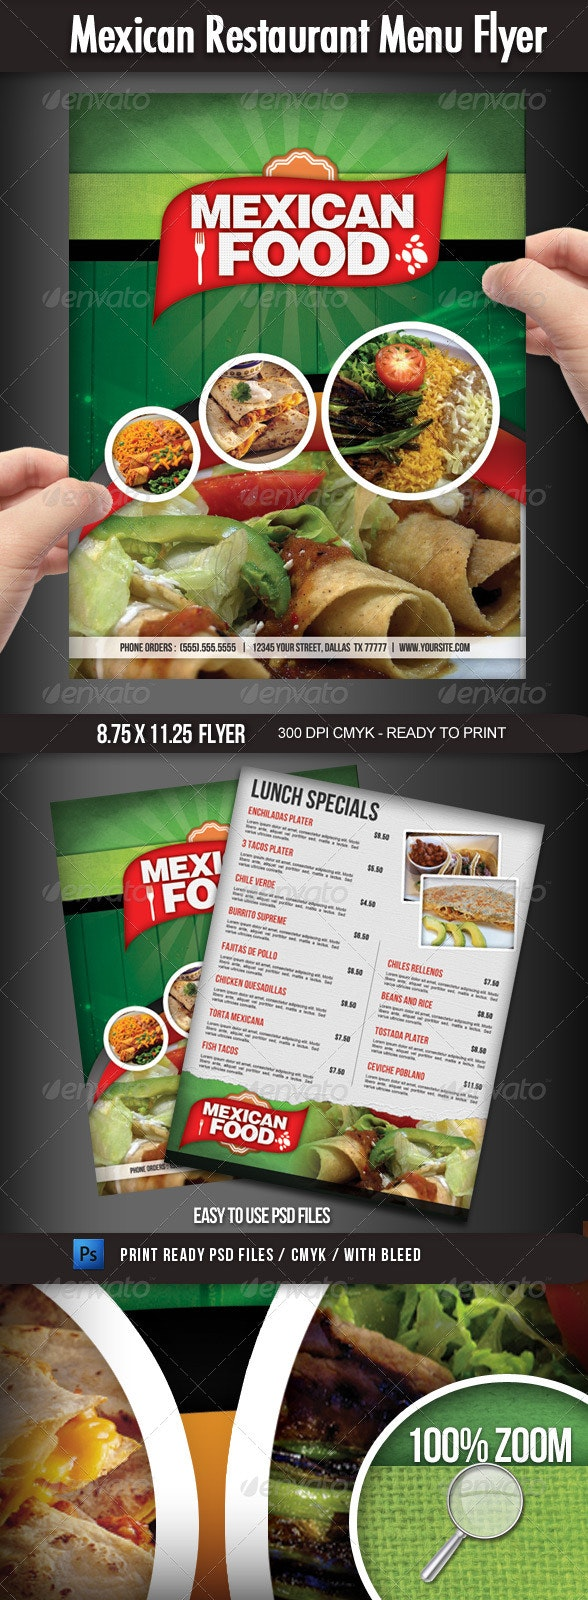 Mexican Restaurant Menu Flyer  - Food Menus Print Templates